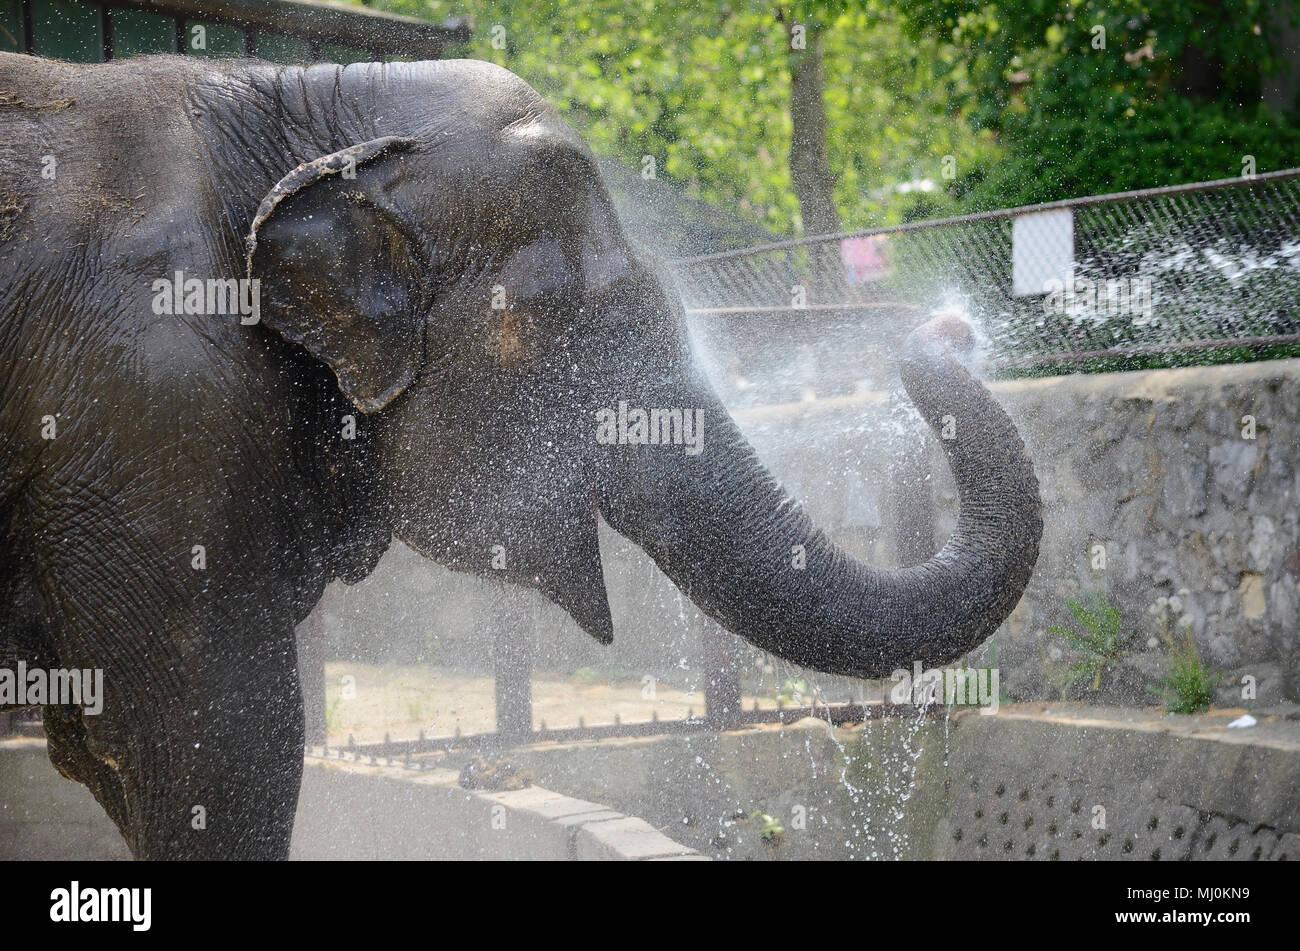 Elefanten im Zoo unter der Dusche Stockfoto, Bild: 183182981